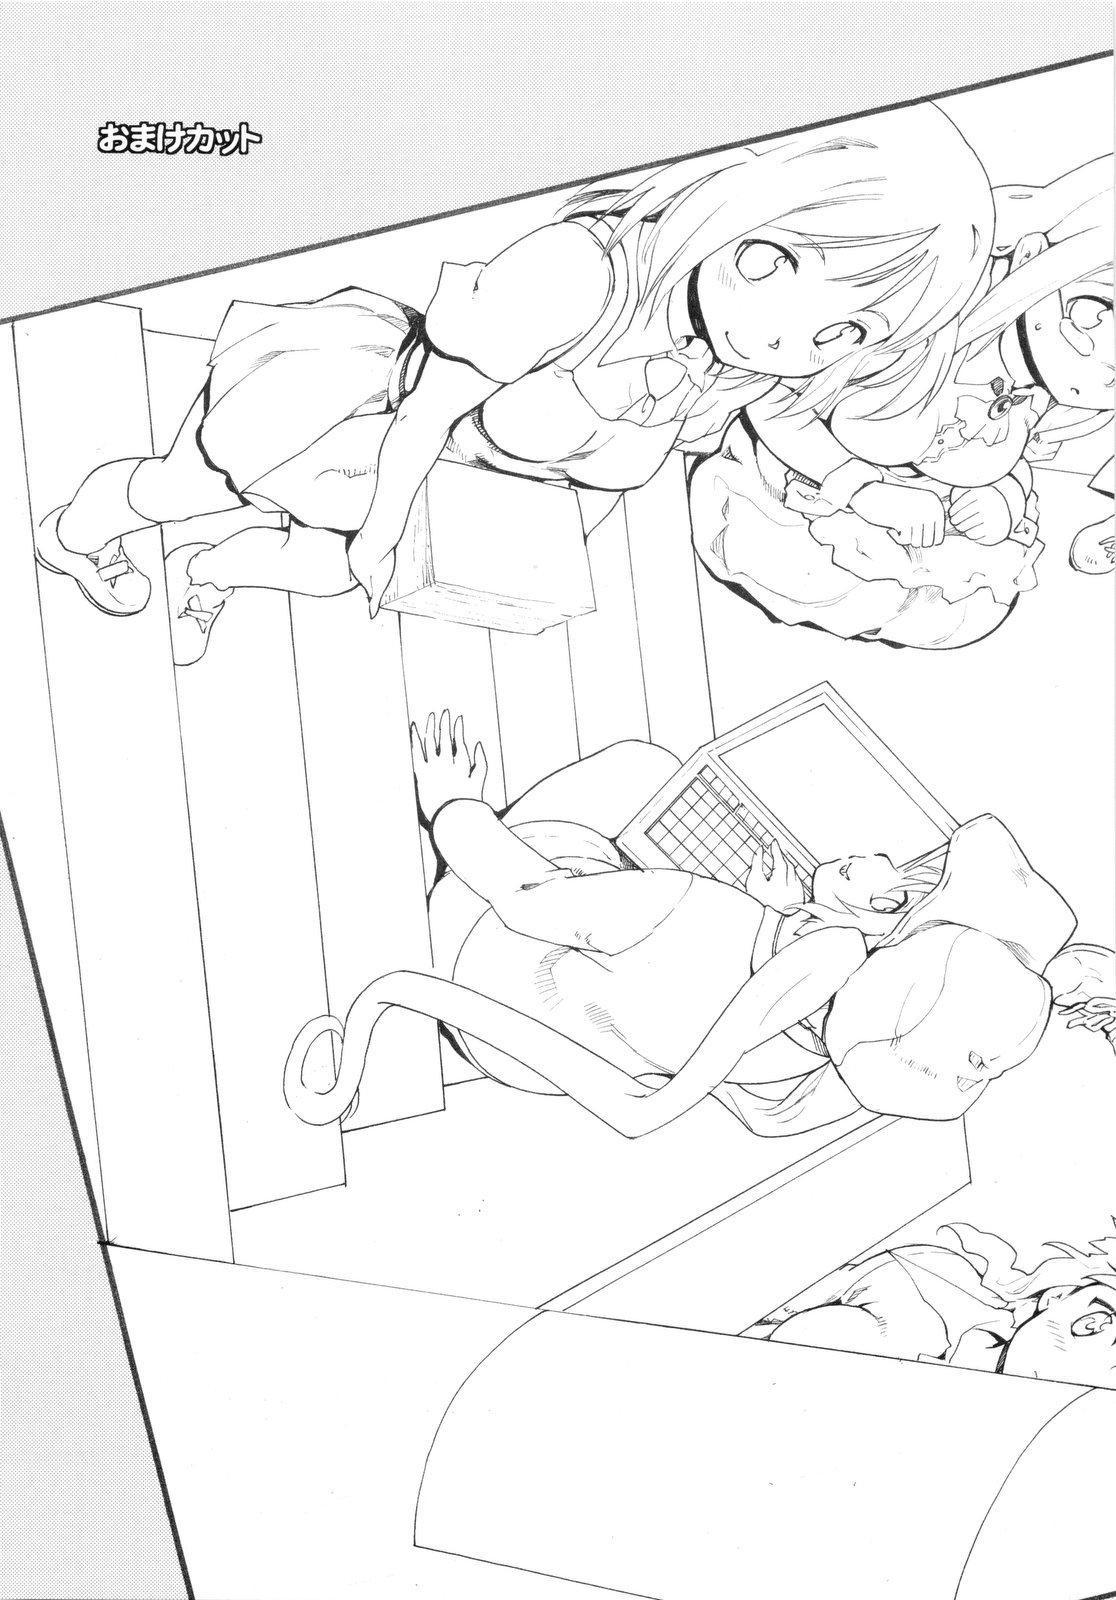 (ComiComi13) [Paranoia Cat (Fujiwara Shunichi)] Akogare no Hito -Himitsu no Isshuukan- #3 48